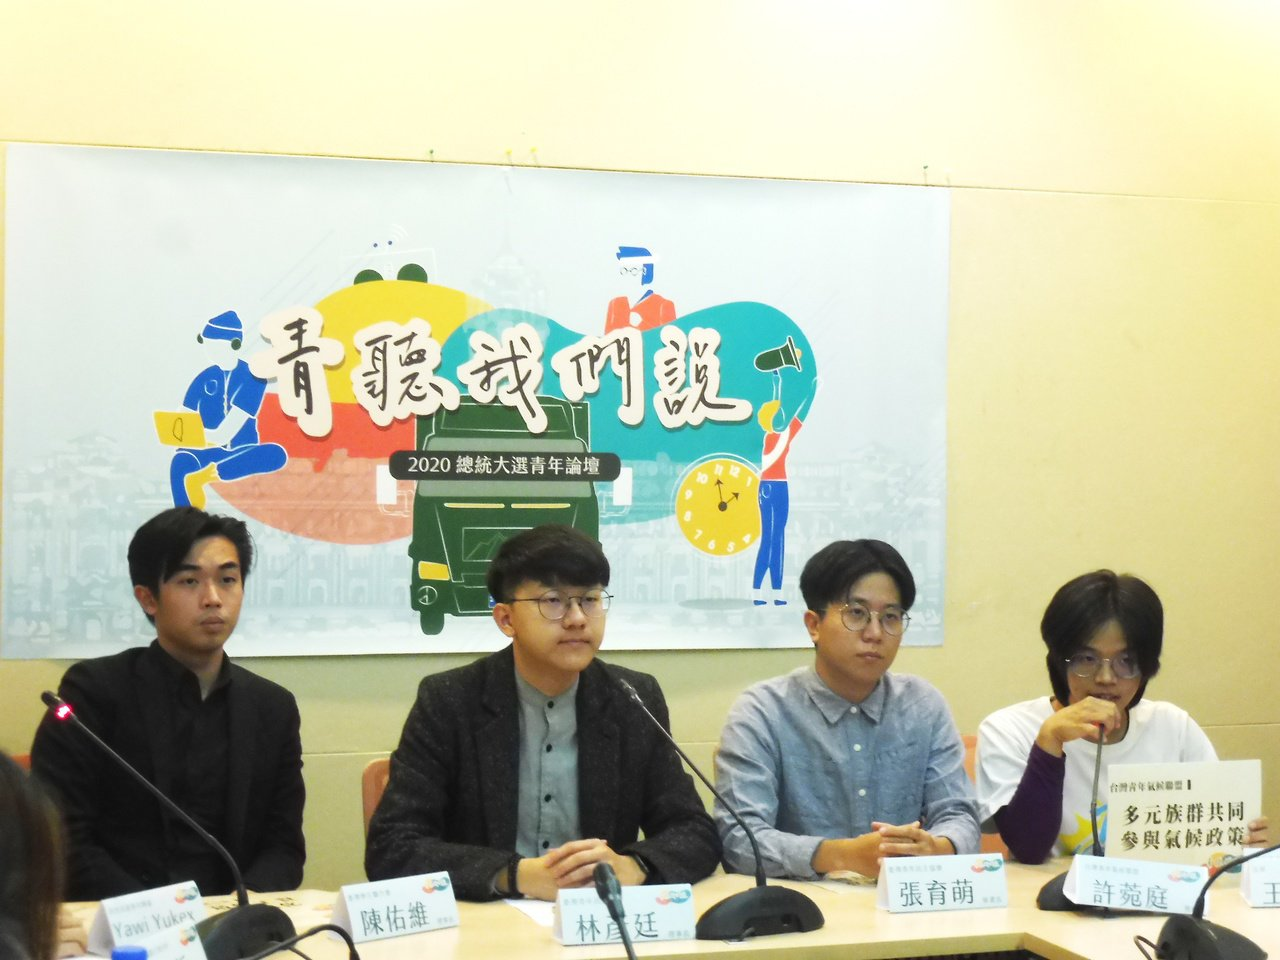 台灣青年民主協會等青年團體今舉行記者會公布問題。記者賴于榛/攝影